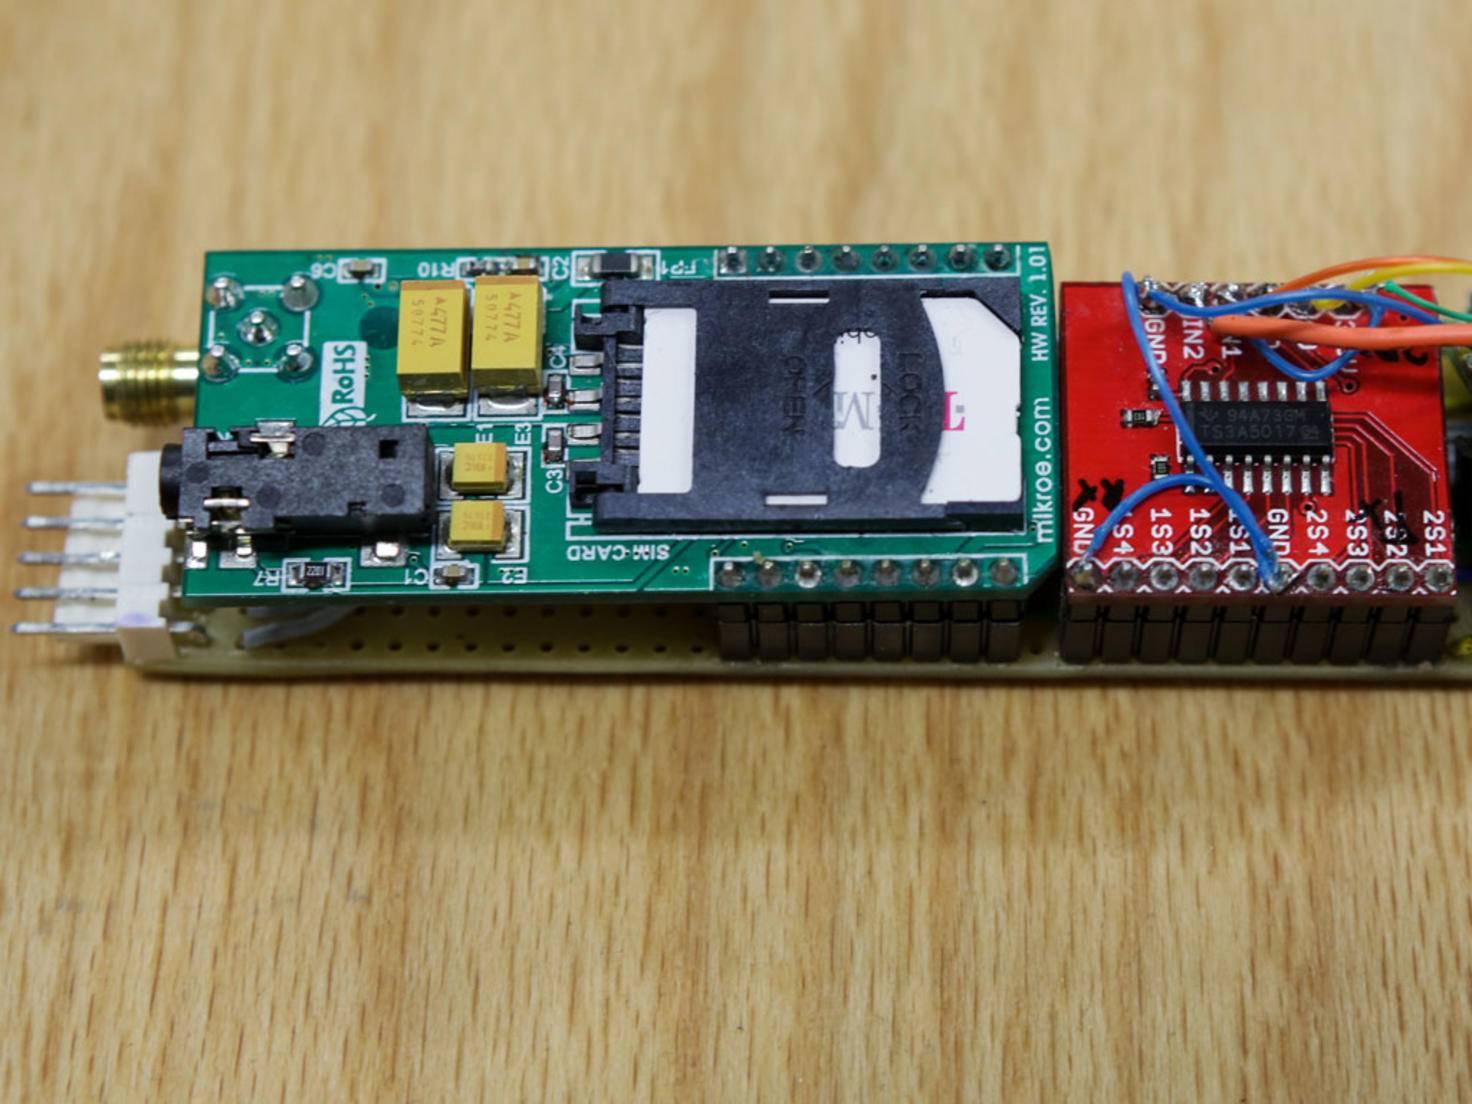 Die Onboard-Unit der Telekom sendet per Sim-Karte und Mobilfunk Daten in die Cloud.